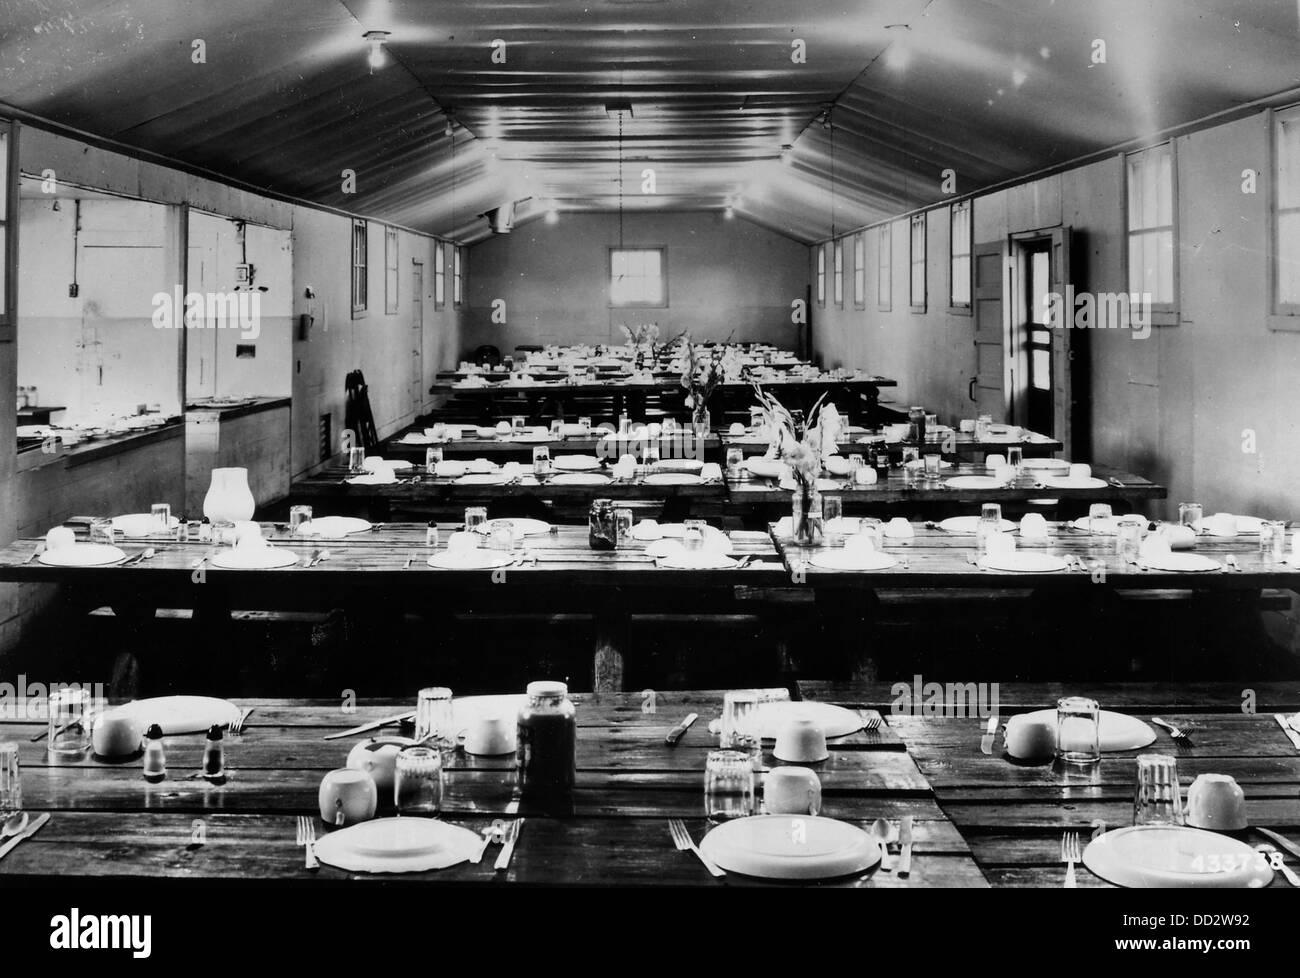 Mess Hall at Camp Manikiwa - - 2129616 - Stock Image